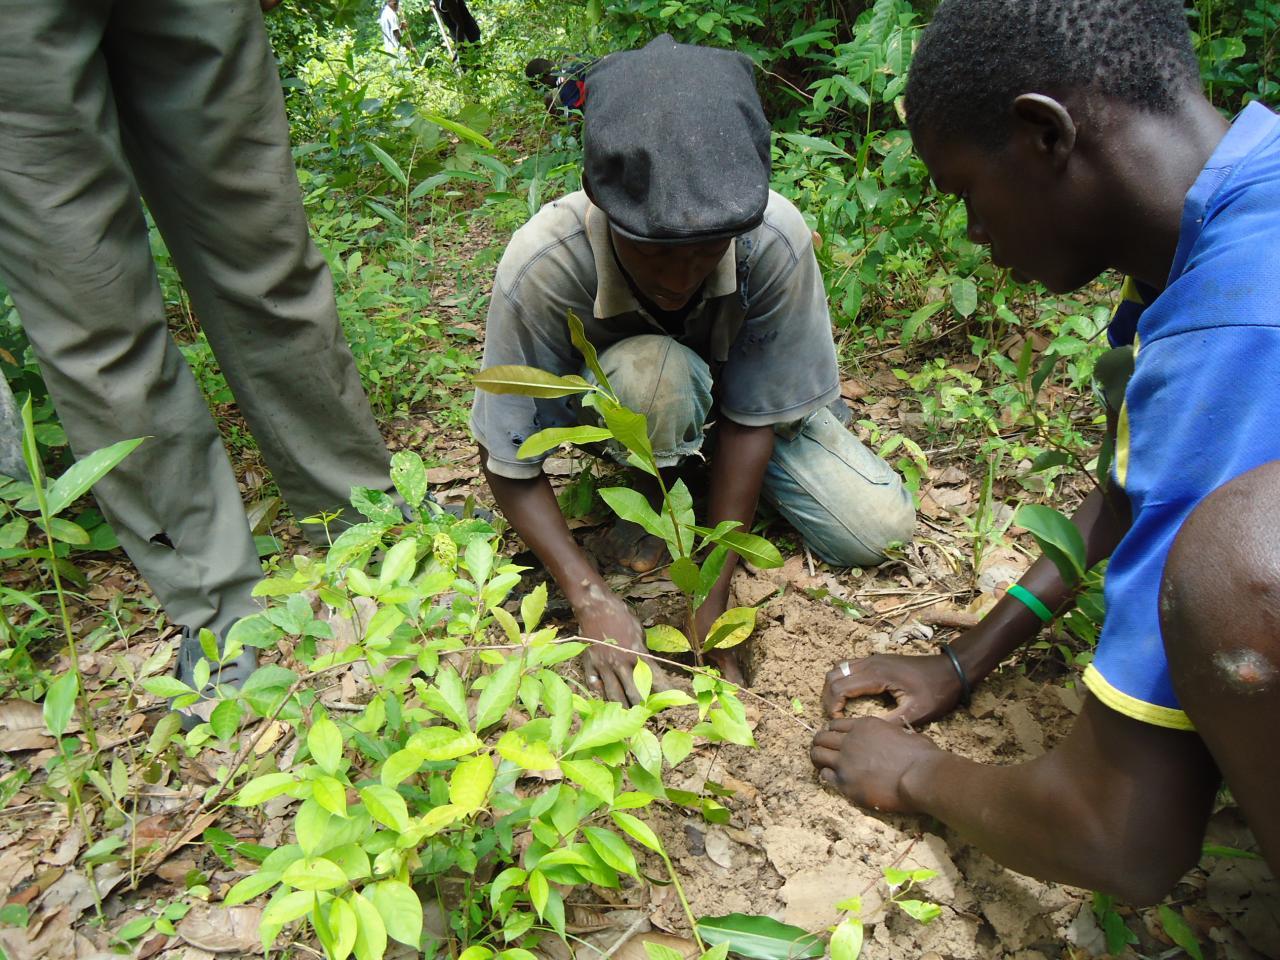 Lutte contre la déperdition scolaire à Kédougou: l'association Food For Children initie des jardins potages et reboise les écoles